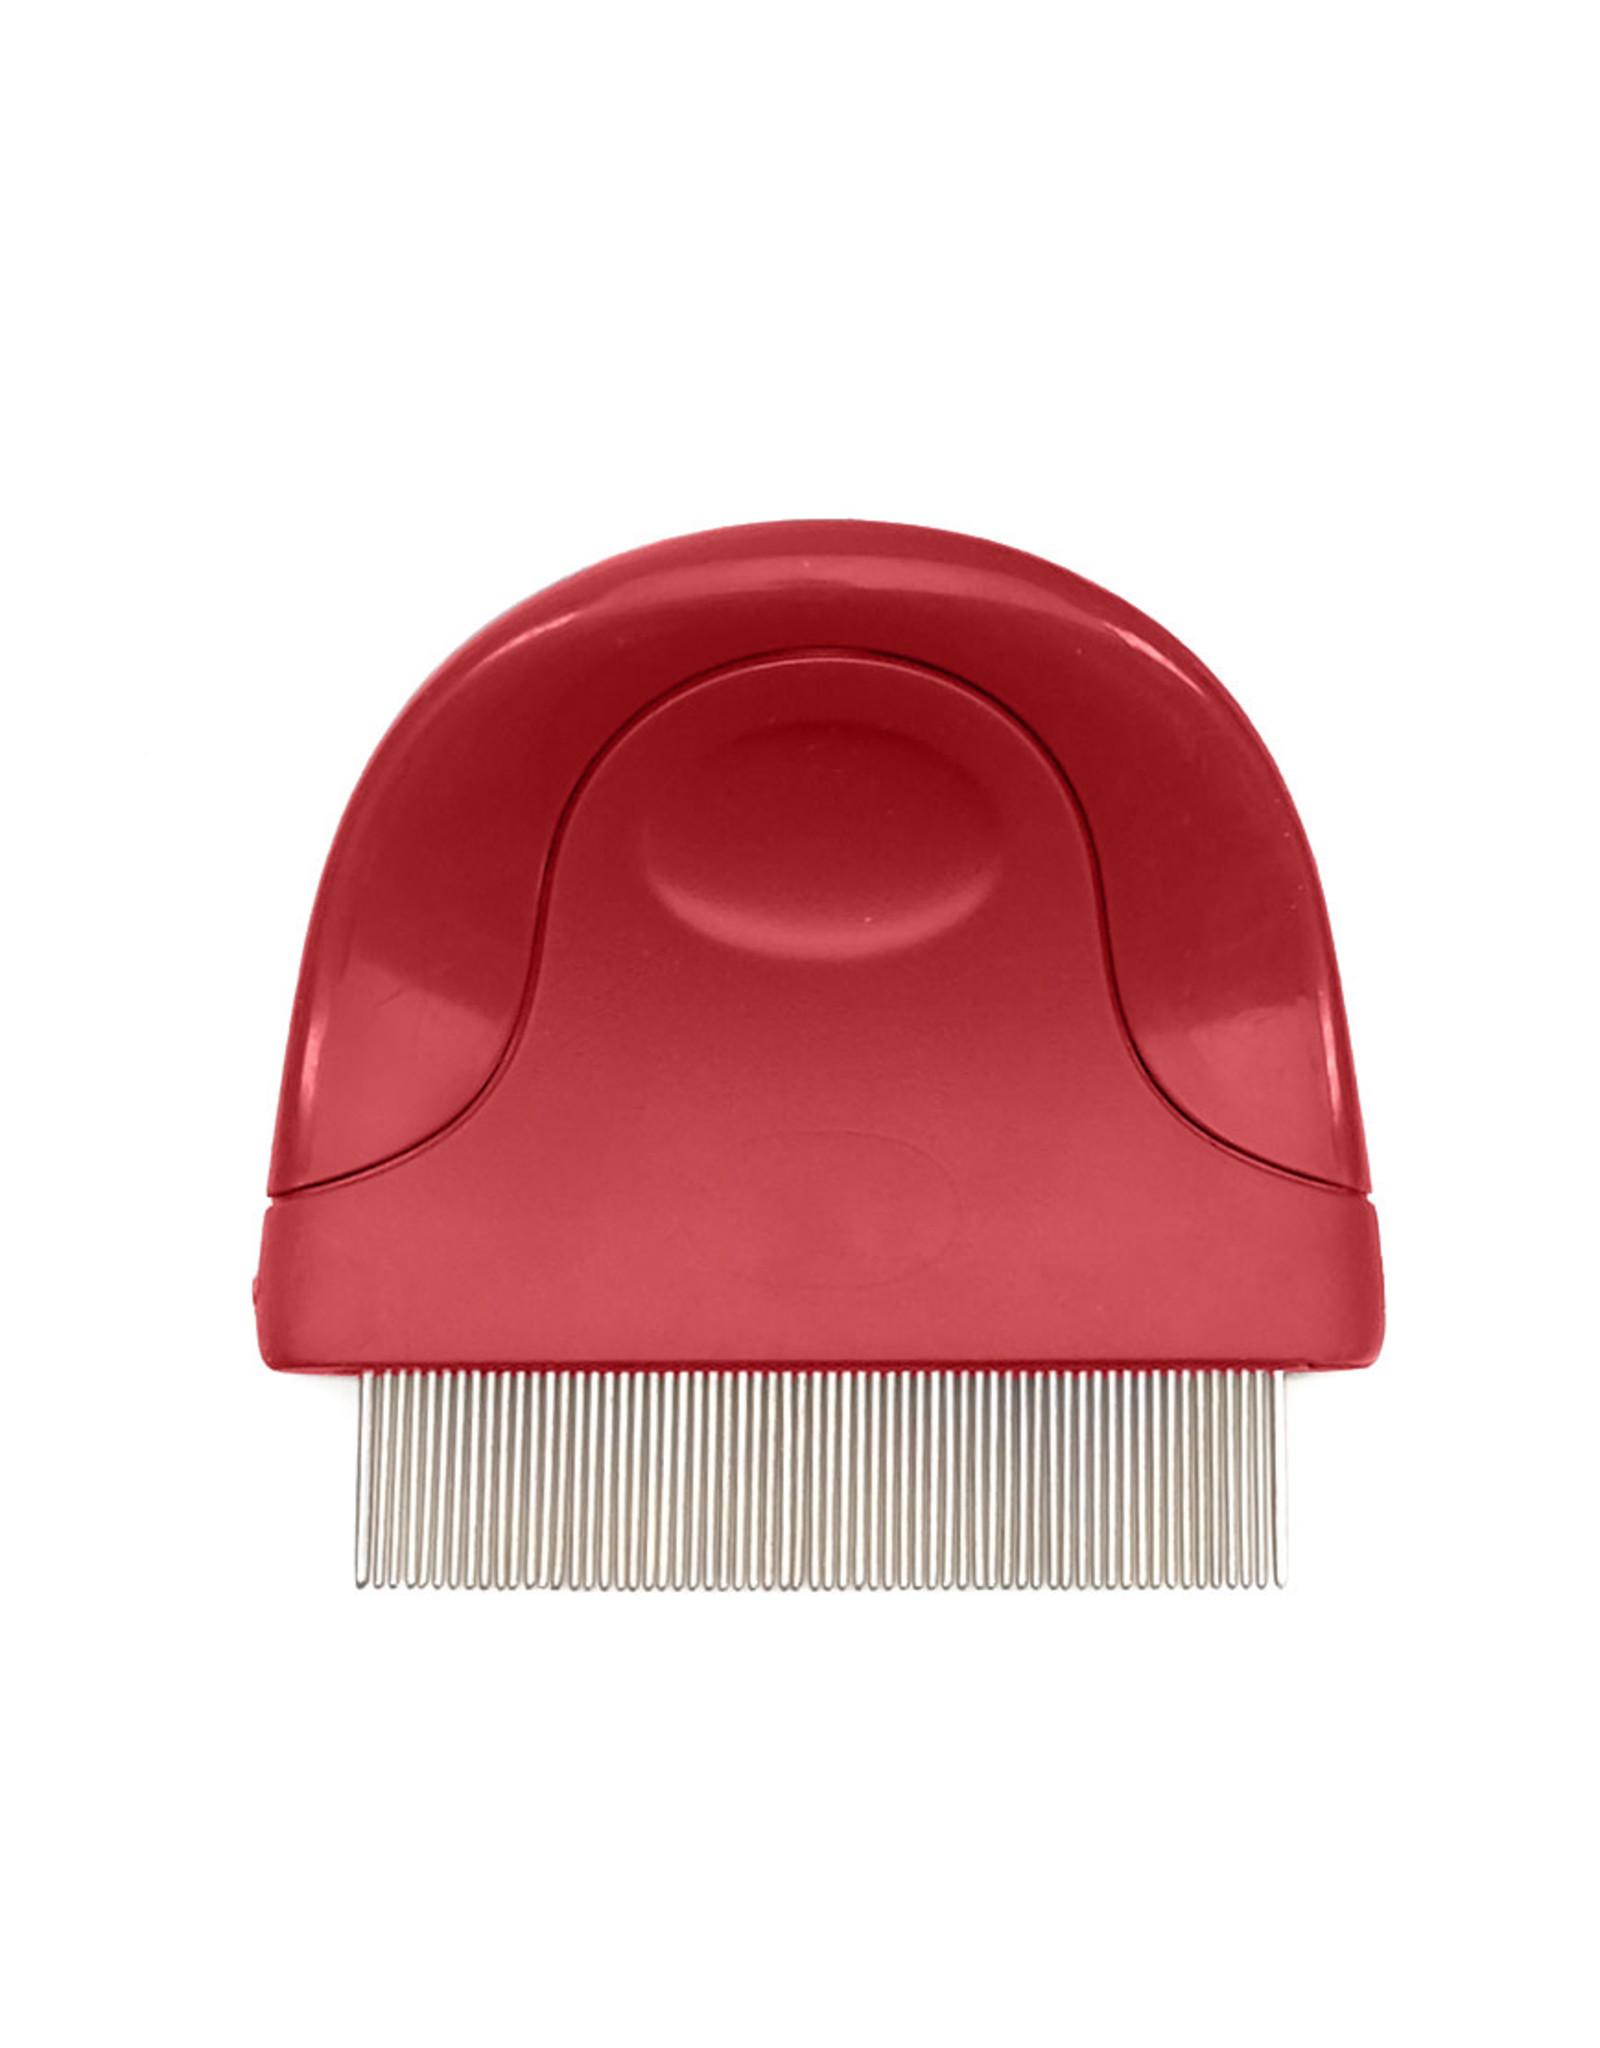 Le Salon LeSalon Essentials Dog Flea Comb